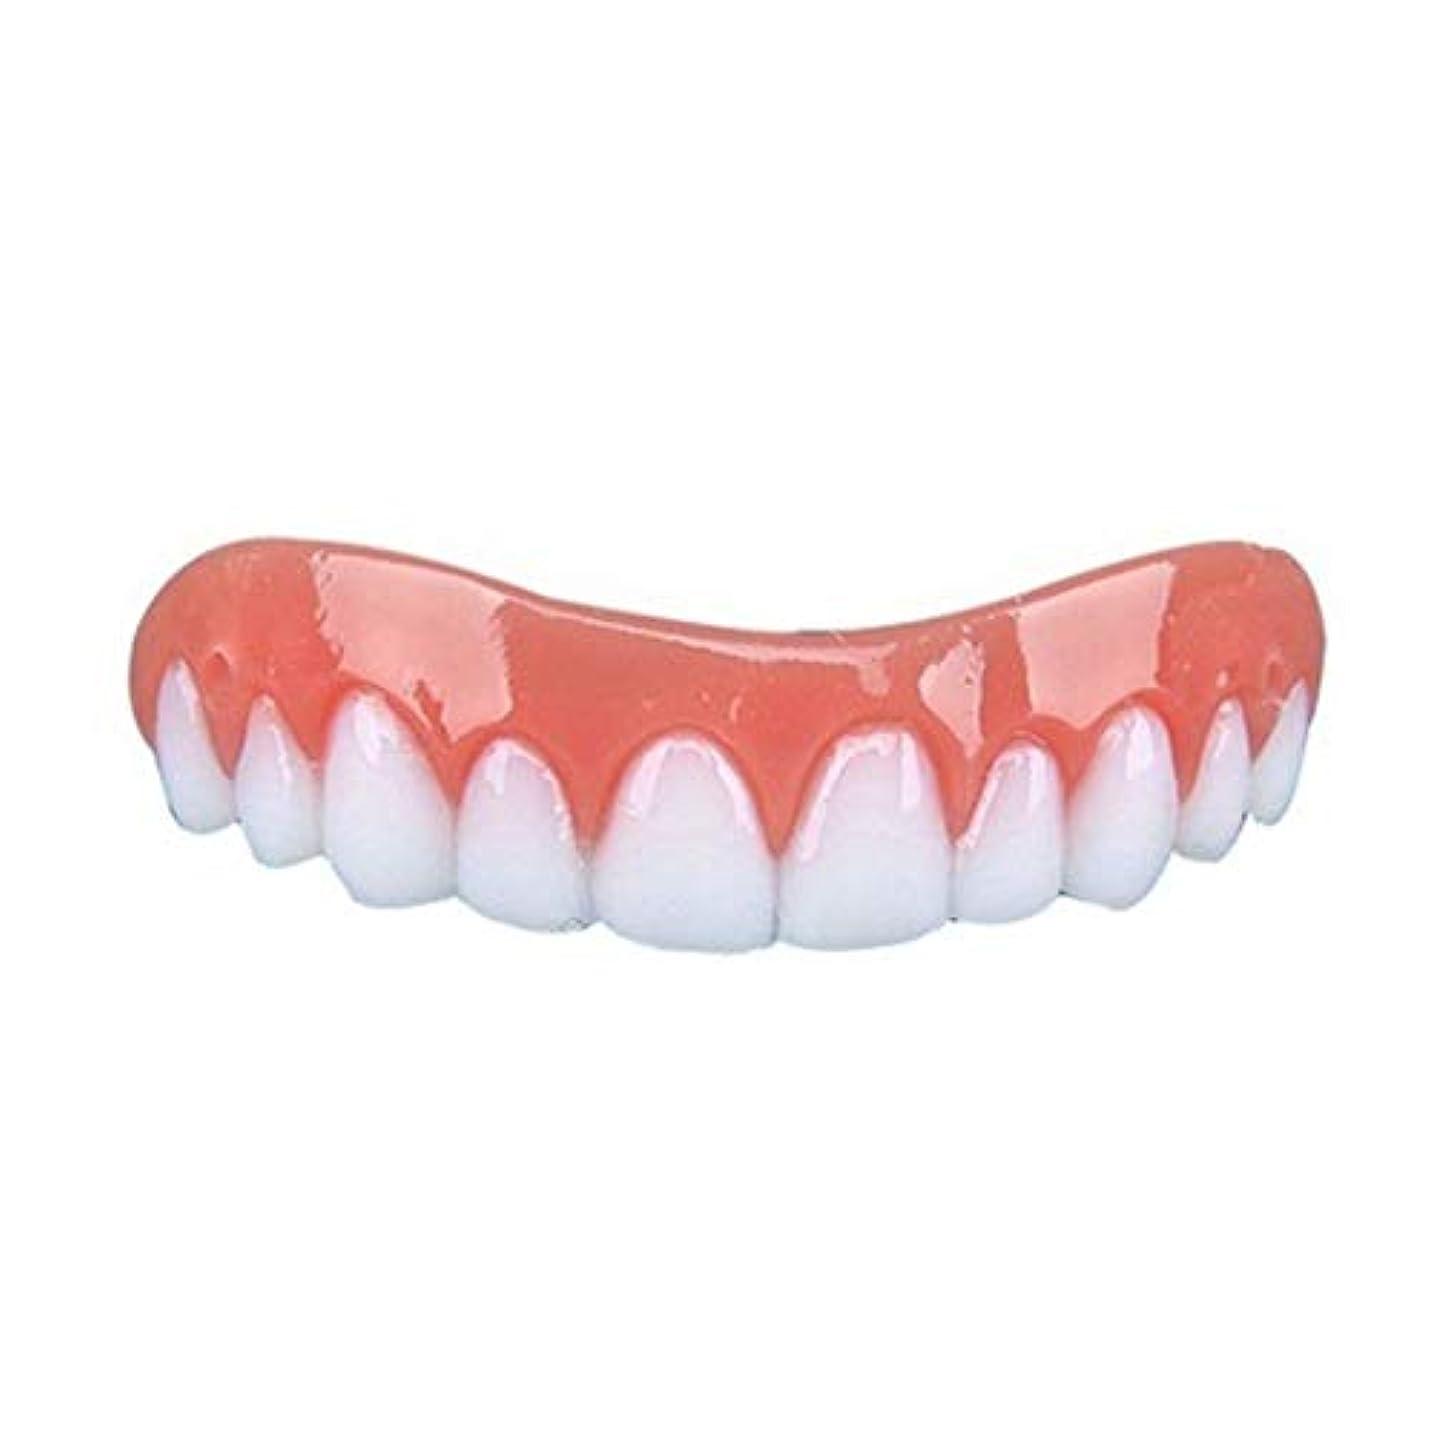 ライラック怪しいコウモリBartram 歯カバー シリコン義歯ペースト 上歯 笑顔を保つ 歯保護 美容用 入れ歯 矯正義歯